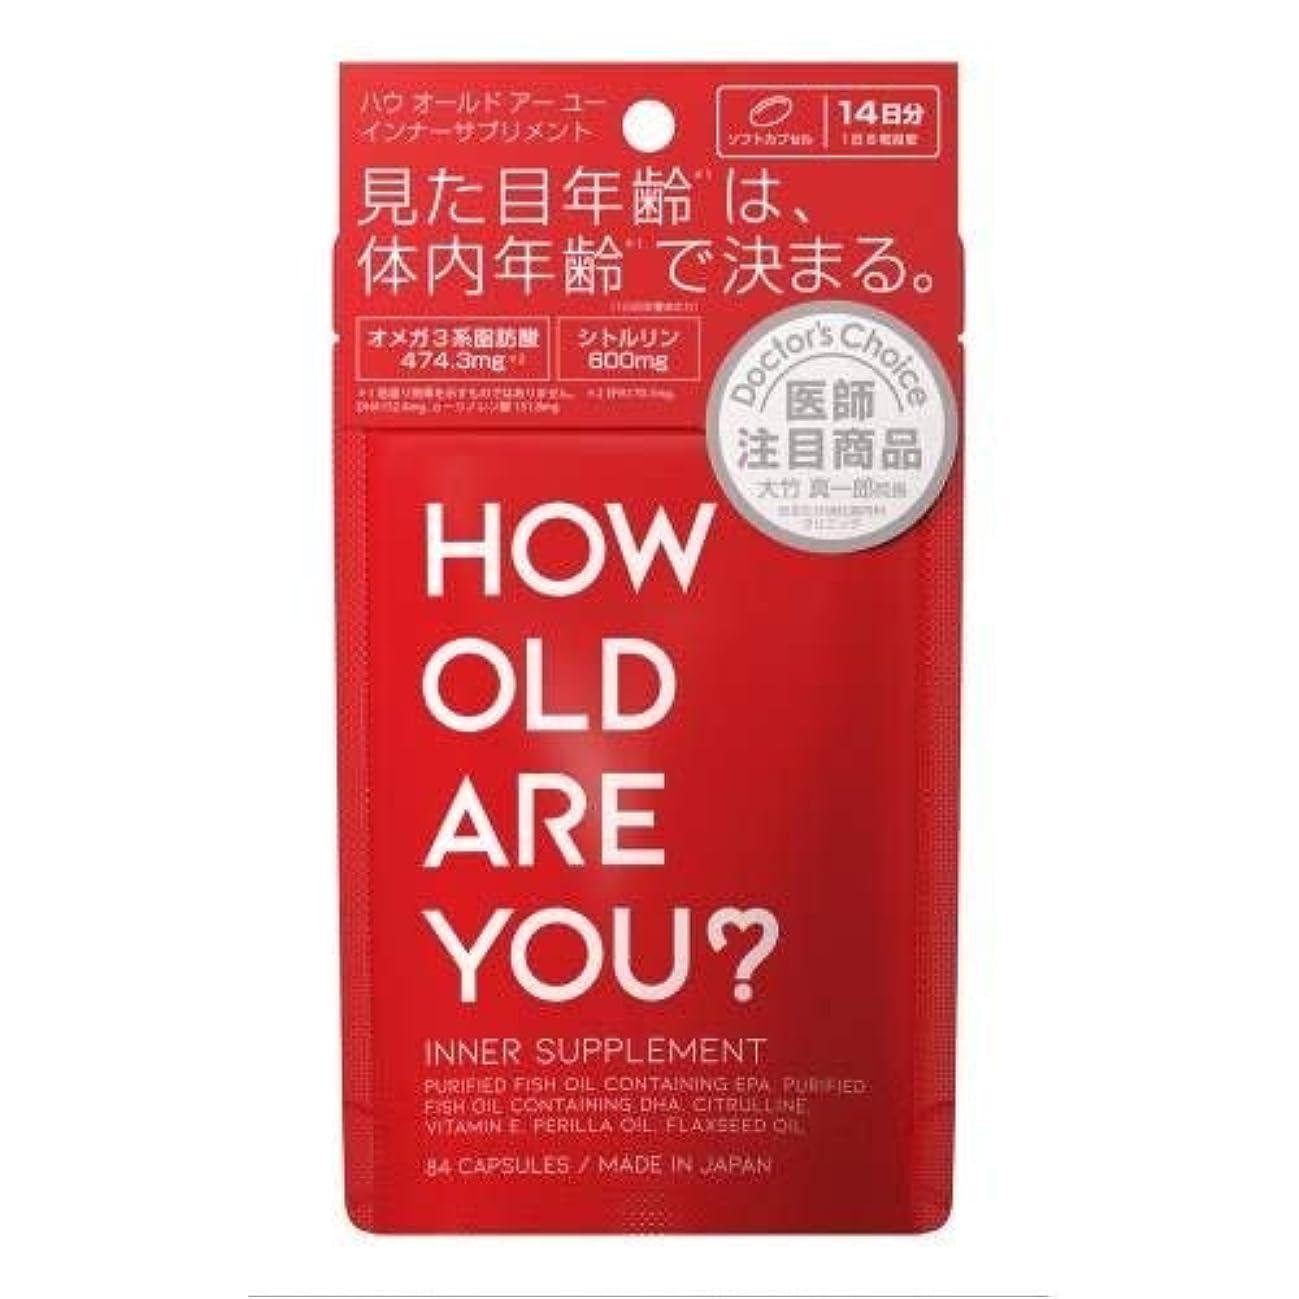 【3個セット】HOW OLD ARE YOU?インナーサプリメント 84粒